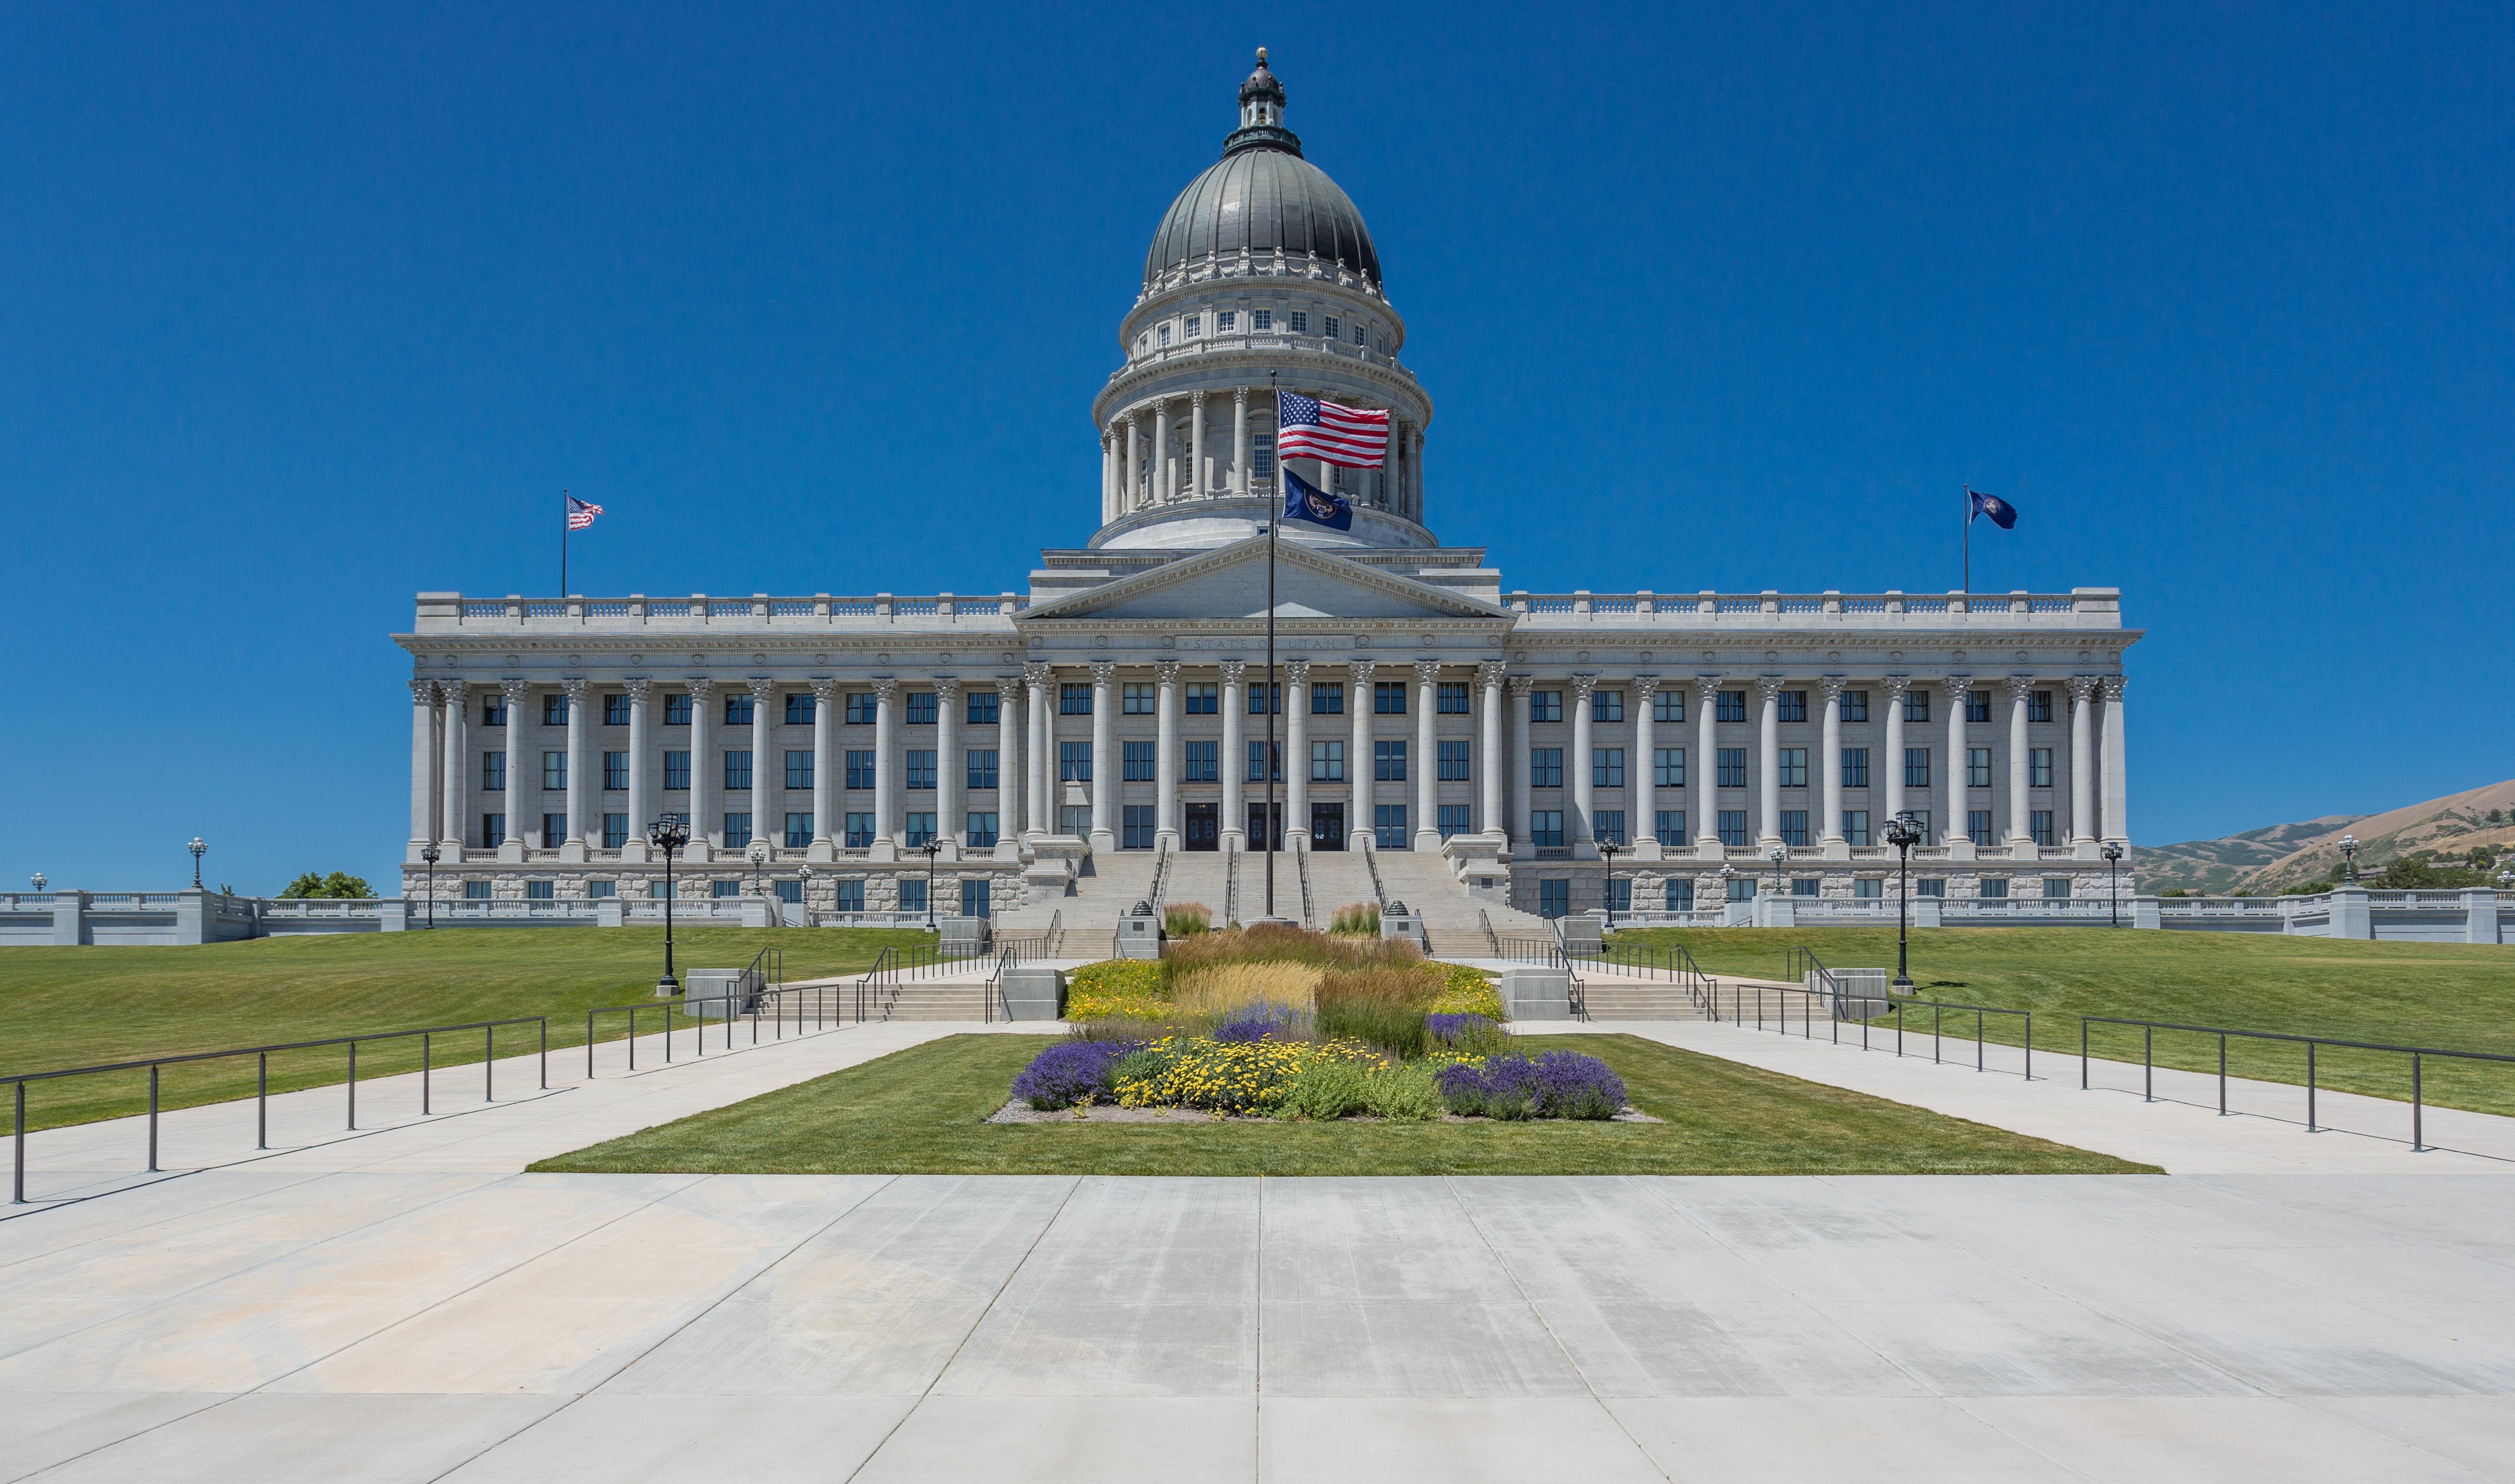 Utah_State_Capitol,_Salt_Lake_City_(7631480380).jpg